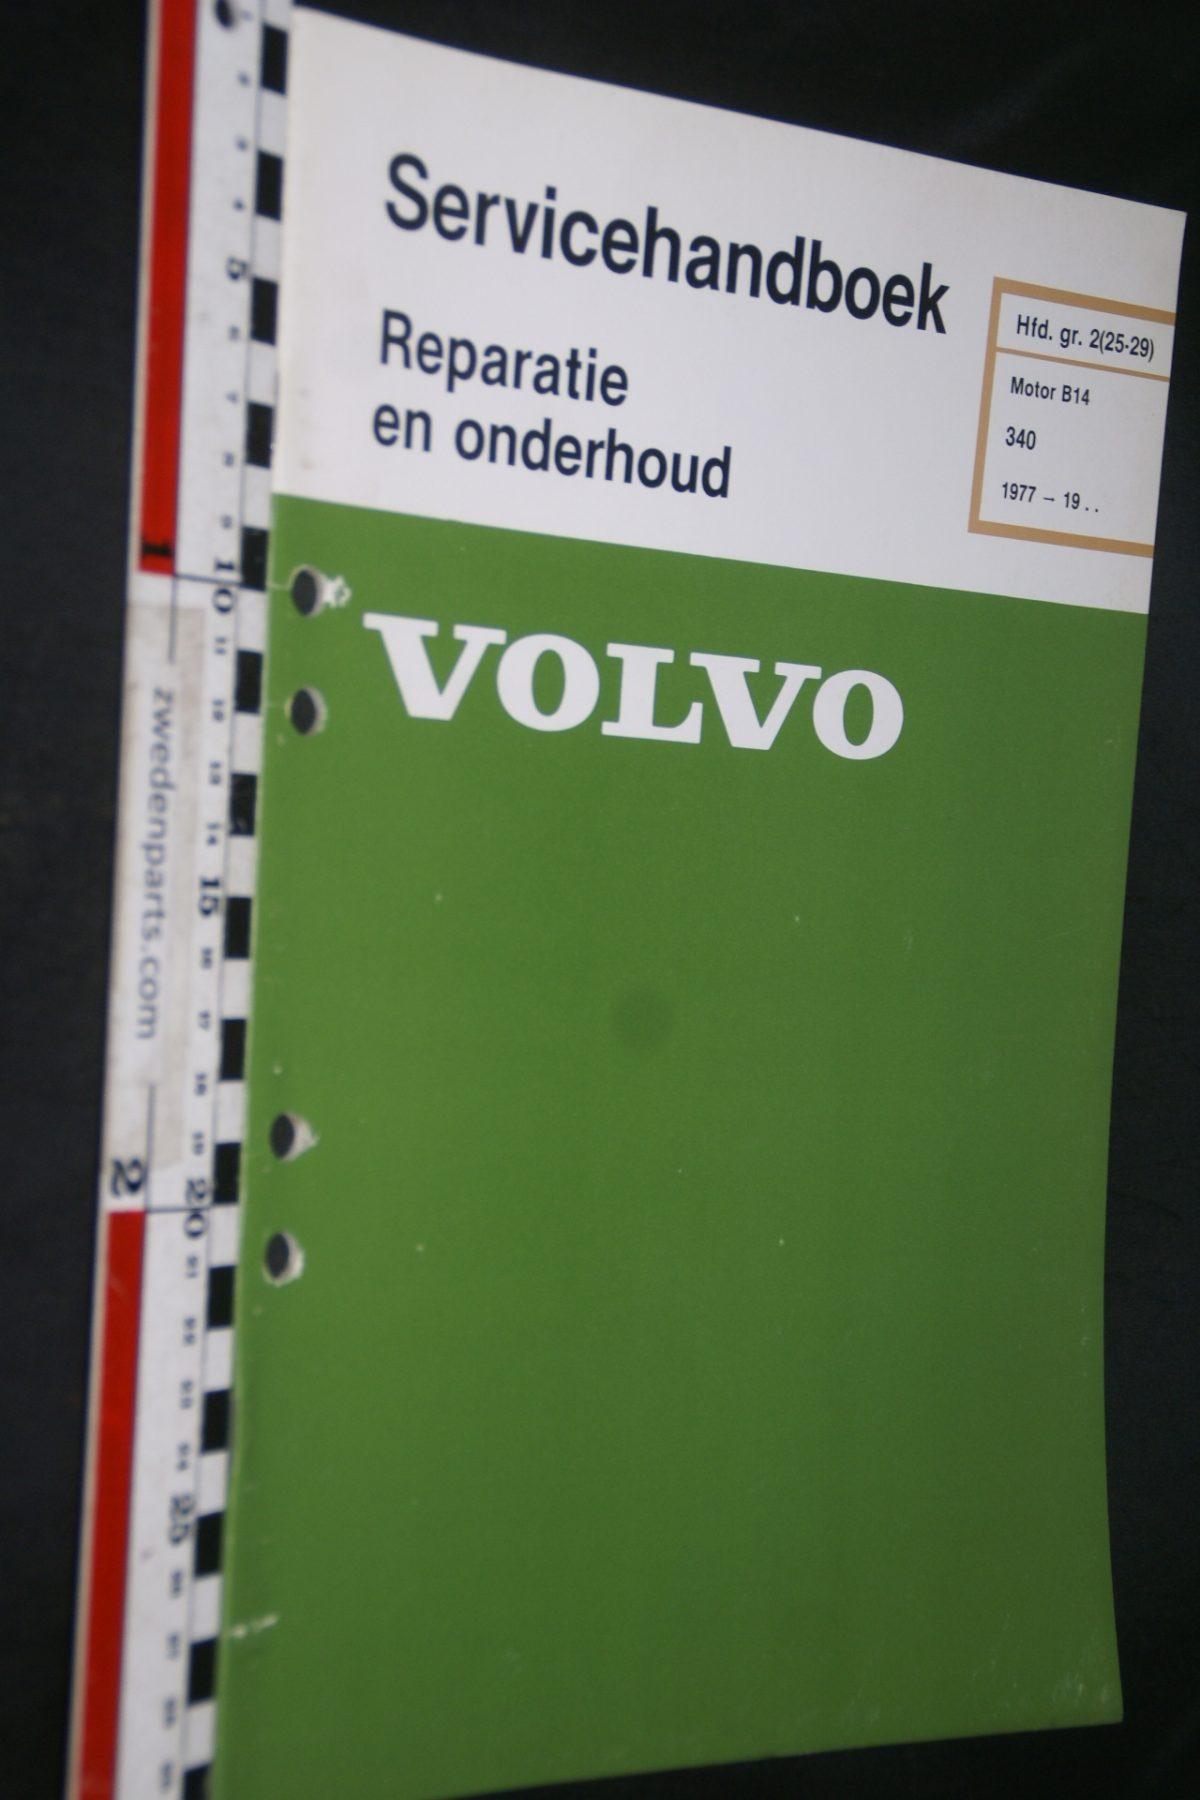 DSC06832 1979 origineel Volvo 340 servicehandboek 2 (25-29) motor B14 1 van 800 TP 35005-1